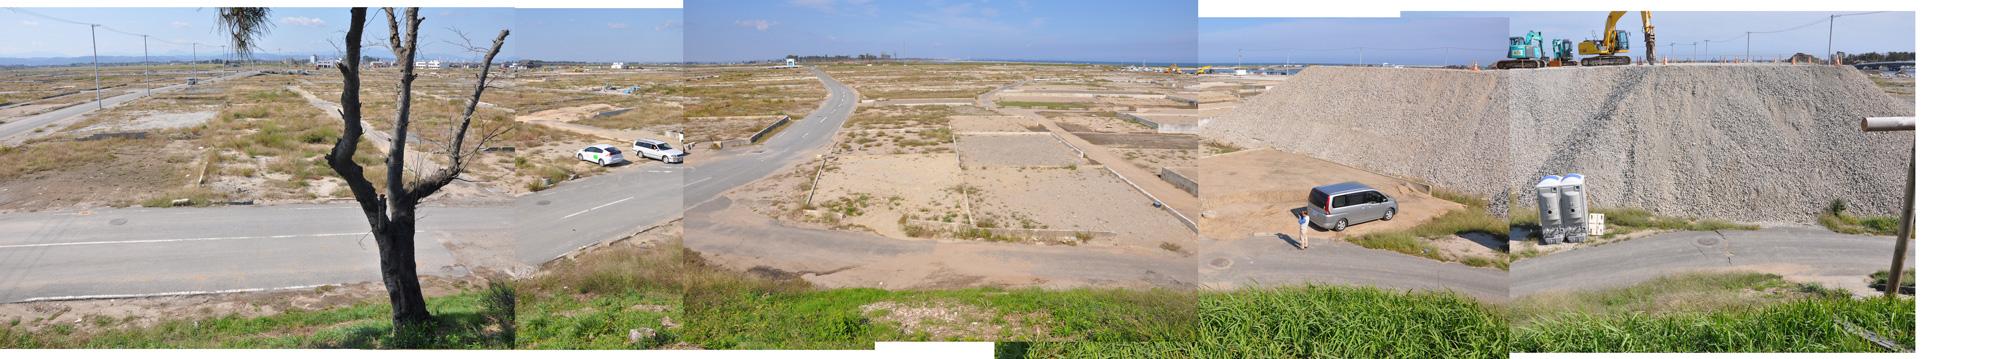 閖上日和山定点観測(西北西-東南東)2011年9月